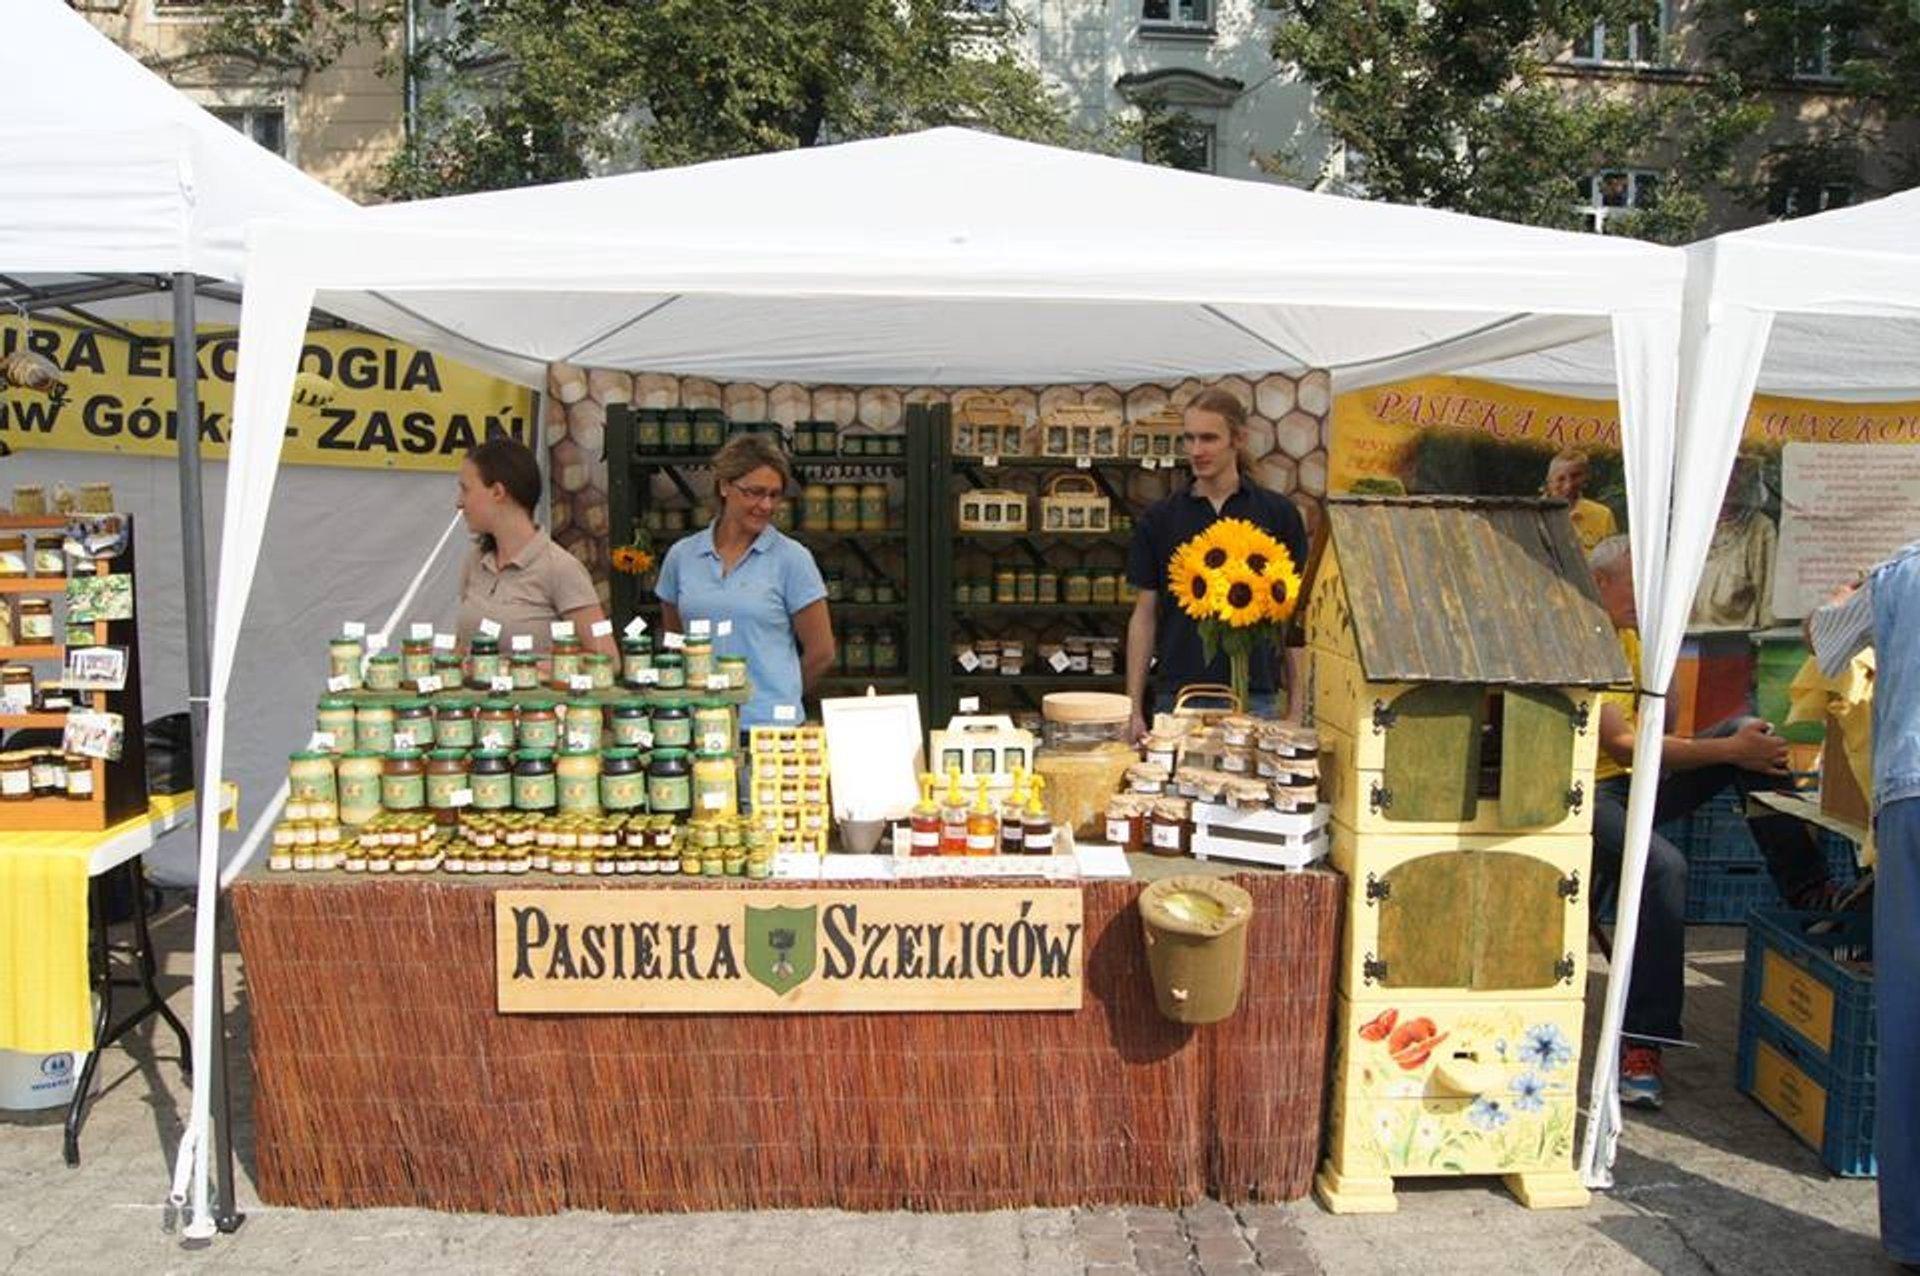 Krakow Honey Harvest & Bee-Keepers Festival in Krakow - Best Season 2020